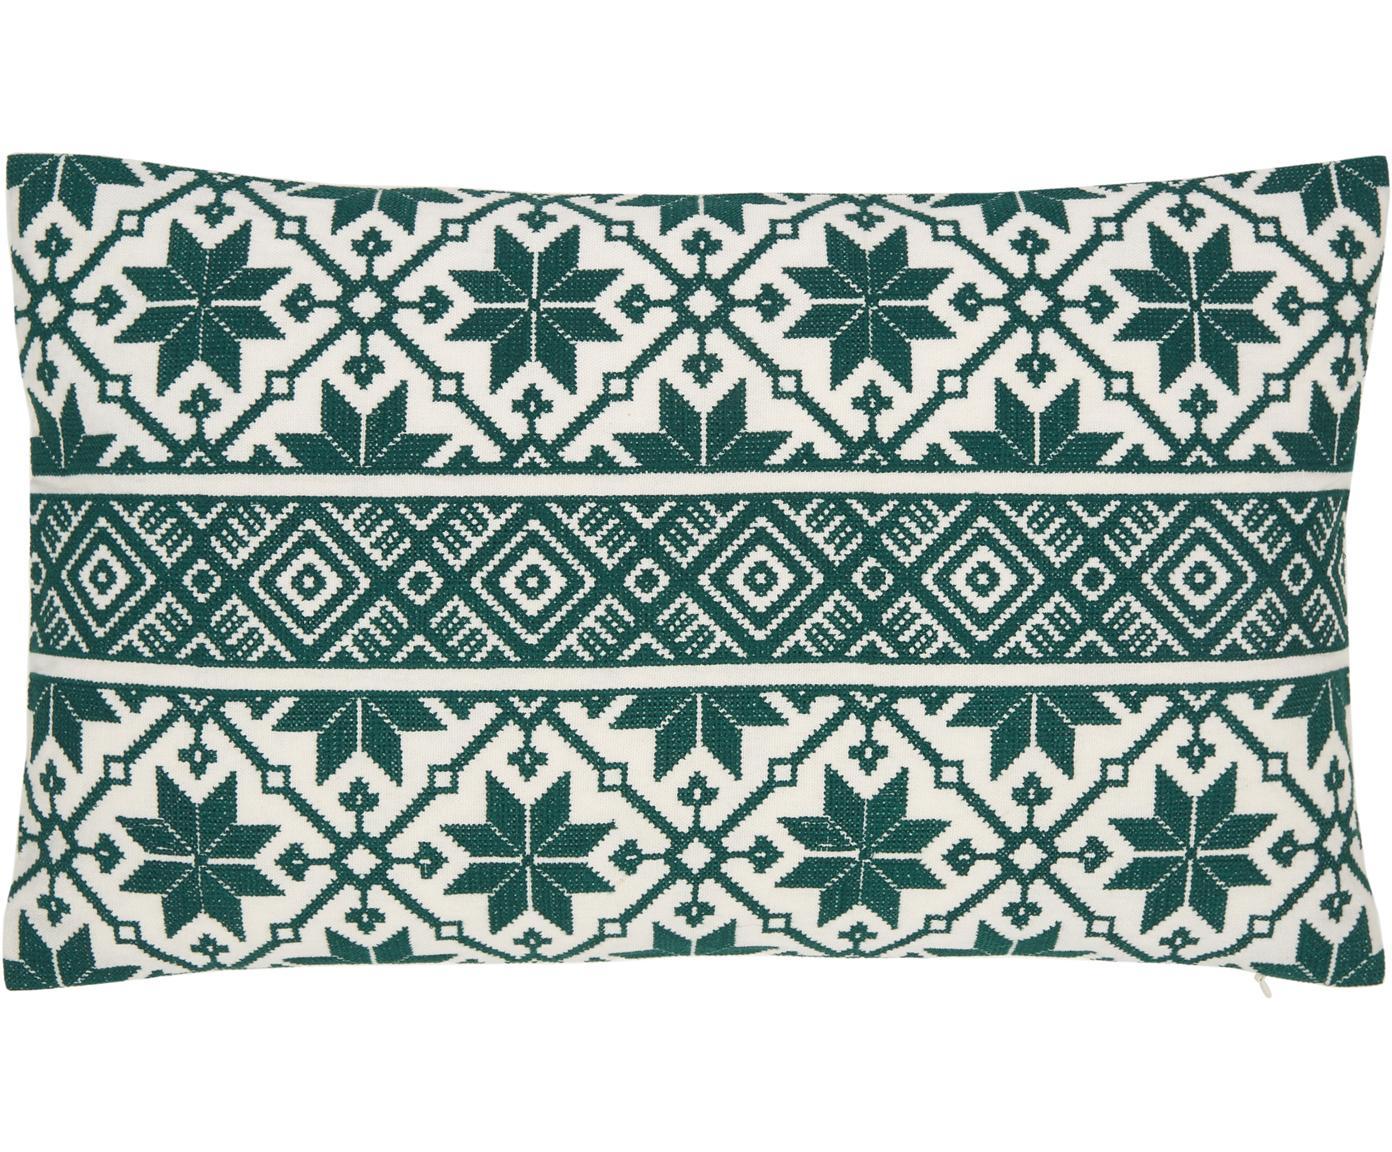 Poszewka na poduszkę Shetland, 100% bawełna, Zielony, kremowobiały, S 30 x D 50 cm